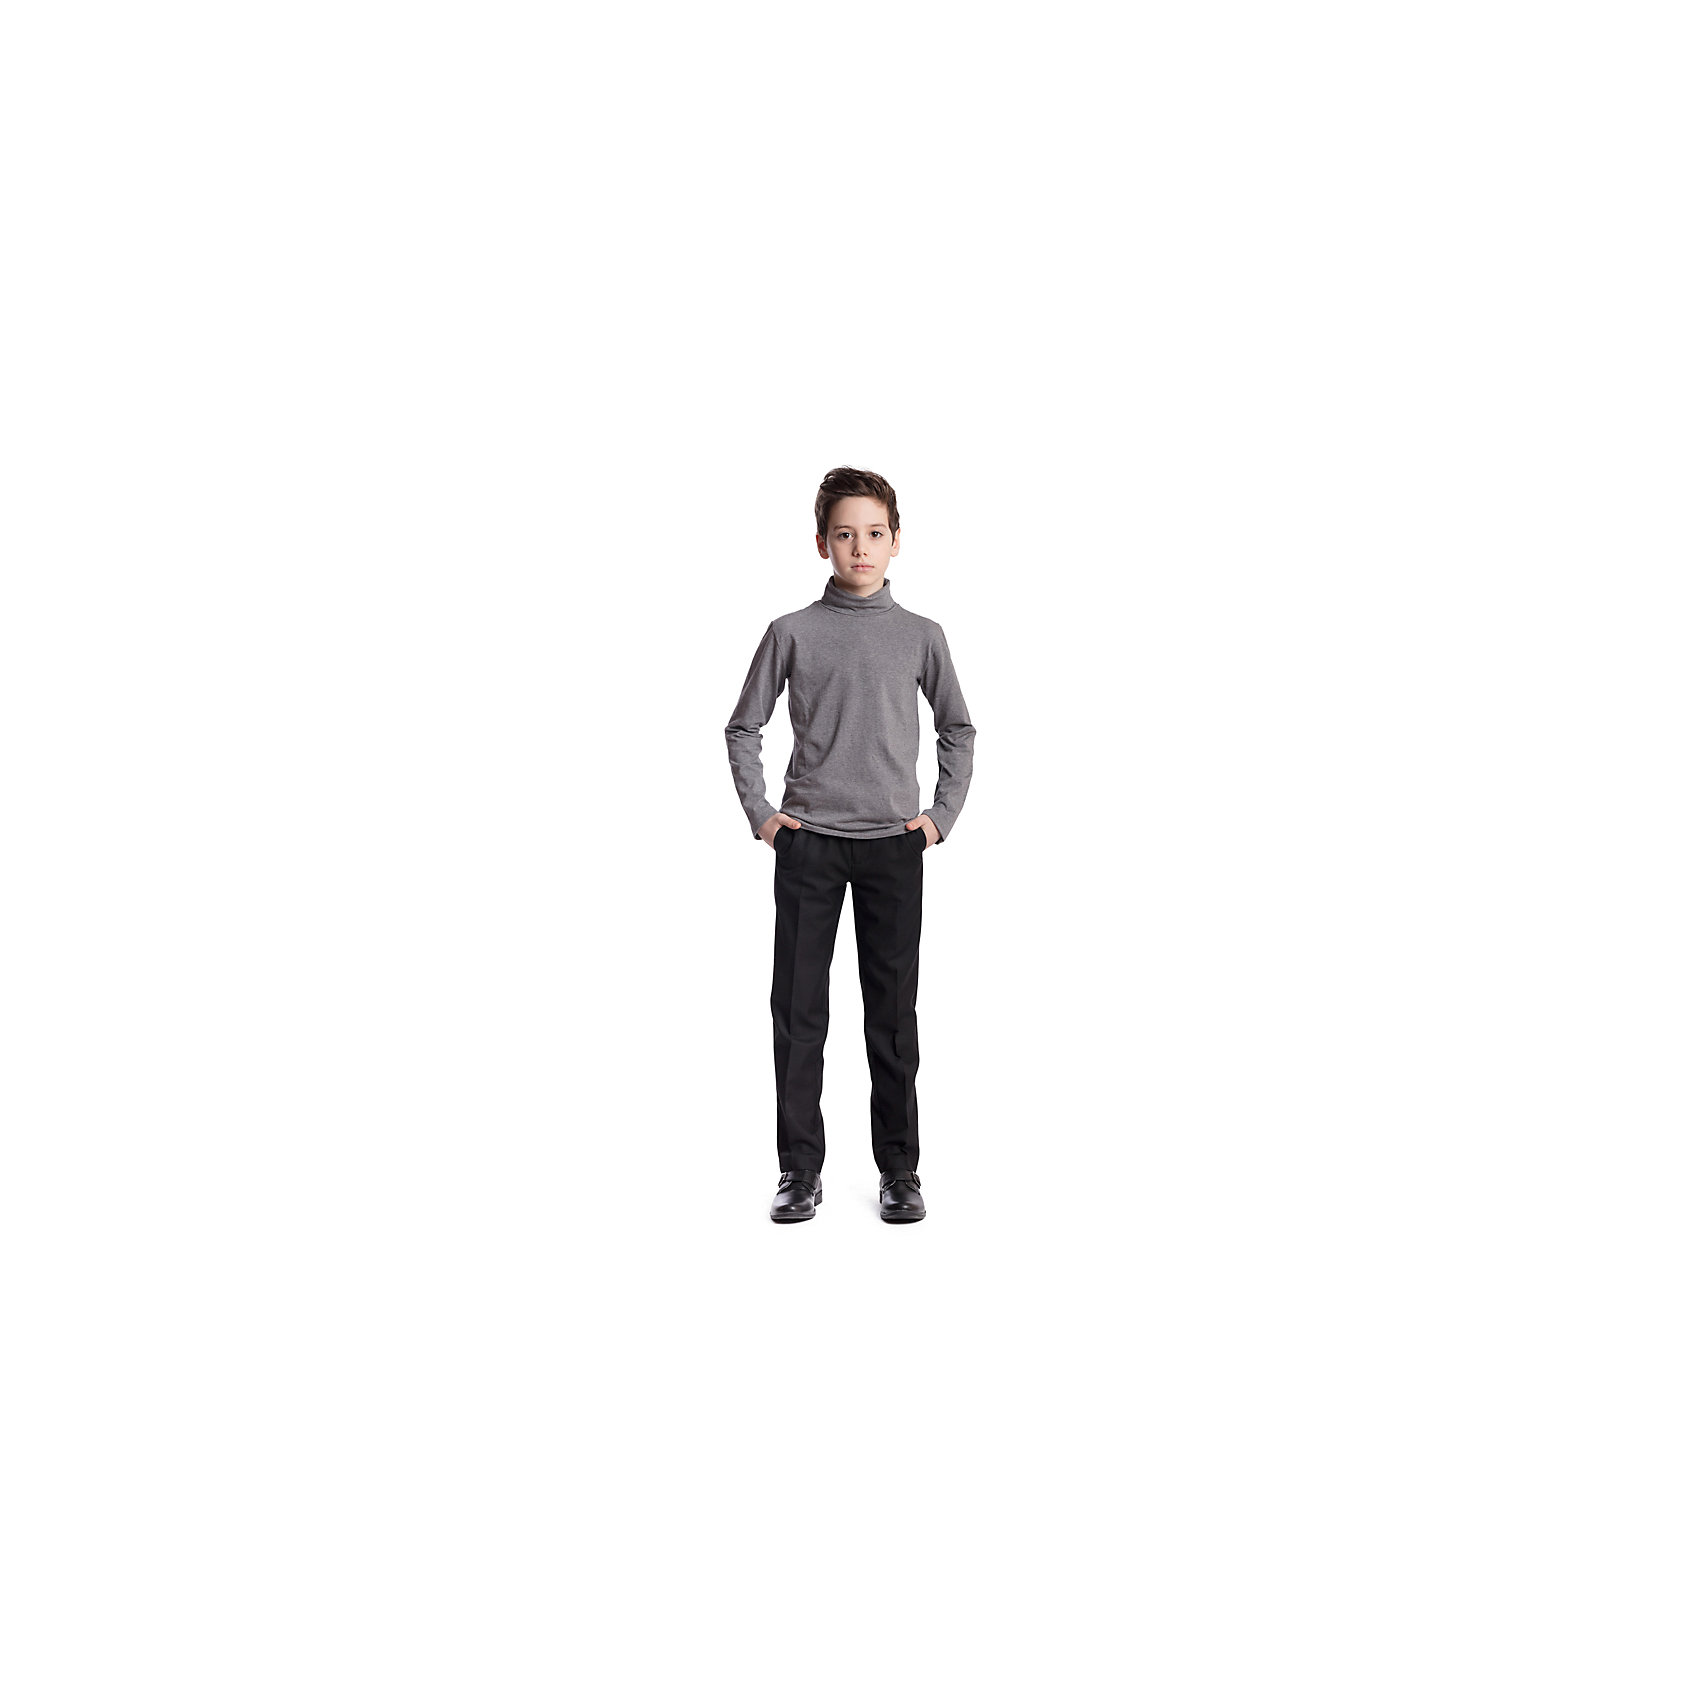 Брюки для мальчика ScoolБрюки<br>Брюки для мальчика Scool<br>Брюки в деловом стиле. Лекало этой модели брюк полностью повторяет лекало модели для взрослого мужчины. Брюки со стрелками; на внутренней стороне пояса предусмотрена регулировка по талии за счет удобной резинки на пуговицах.Преимущества: Модель со шлевками, при необходимости можно использовать ременьРегулировка по талии за счет внутренней резинки с пуговицейМодель с вшивными карманами<br>Состав:<br>65% полиэстер, 35% вискоза<br><br>Ширина мм: 215<br>Глубина мм: 88<br>Высота мм: 191<br>Вес г: 336<br>Цвет: черный<br>Возраст от месяцев: 156<br>Возраст до месяцев: 168<br>Пол: Мужской<br>Возраст: Детский<br>Размер: 164,134,122,128,140,146,152,158<br>SKU: 6754426